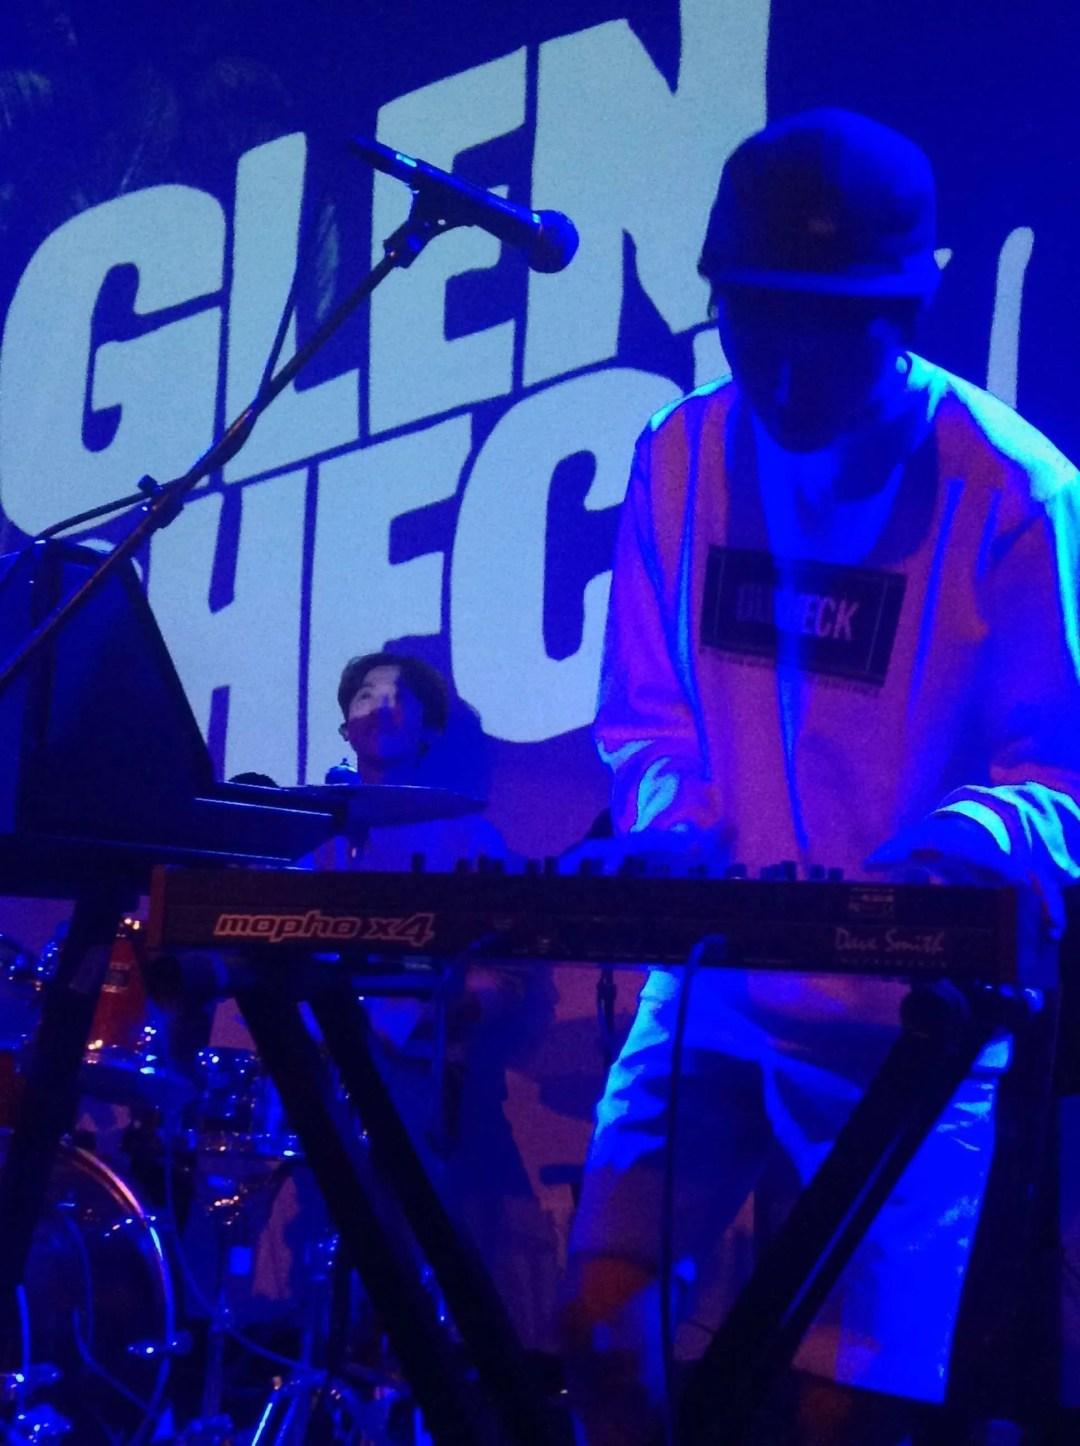 Glen Check Seoulsonic